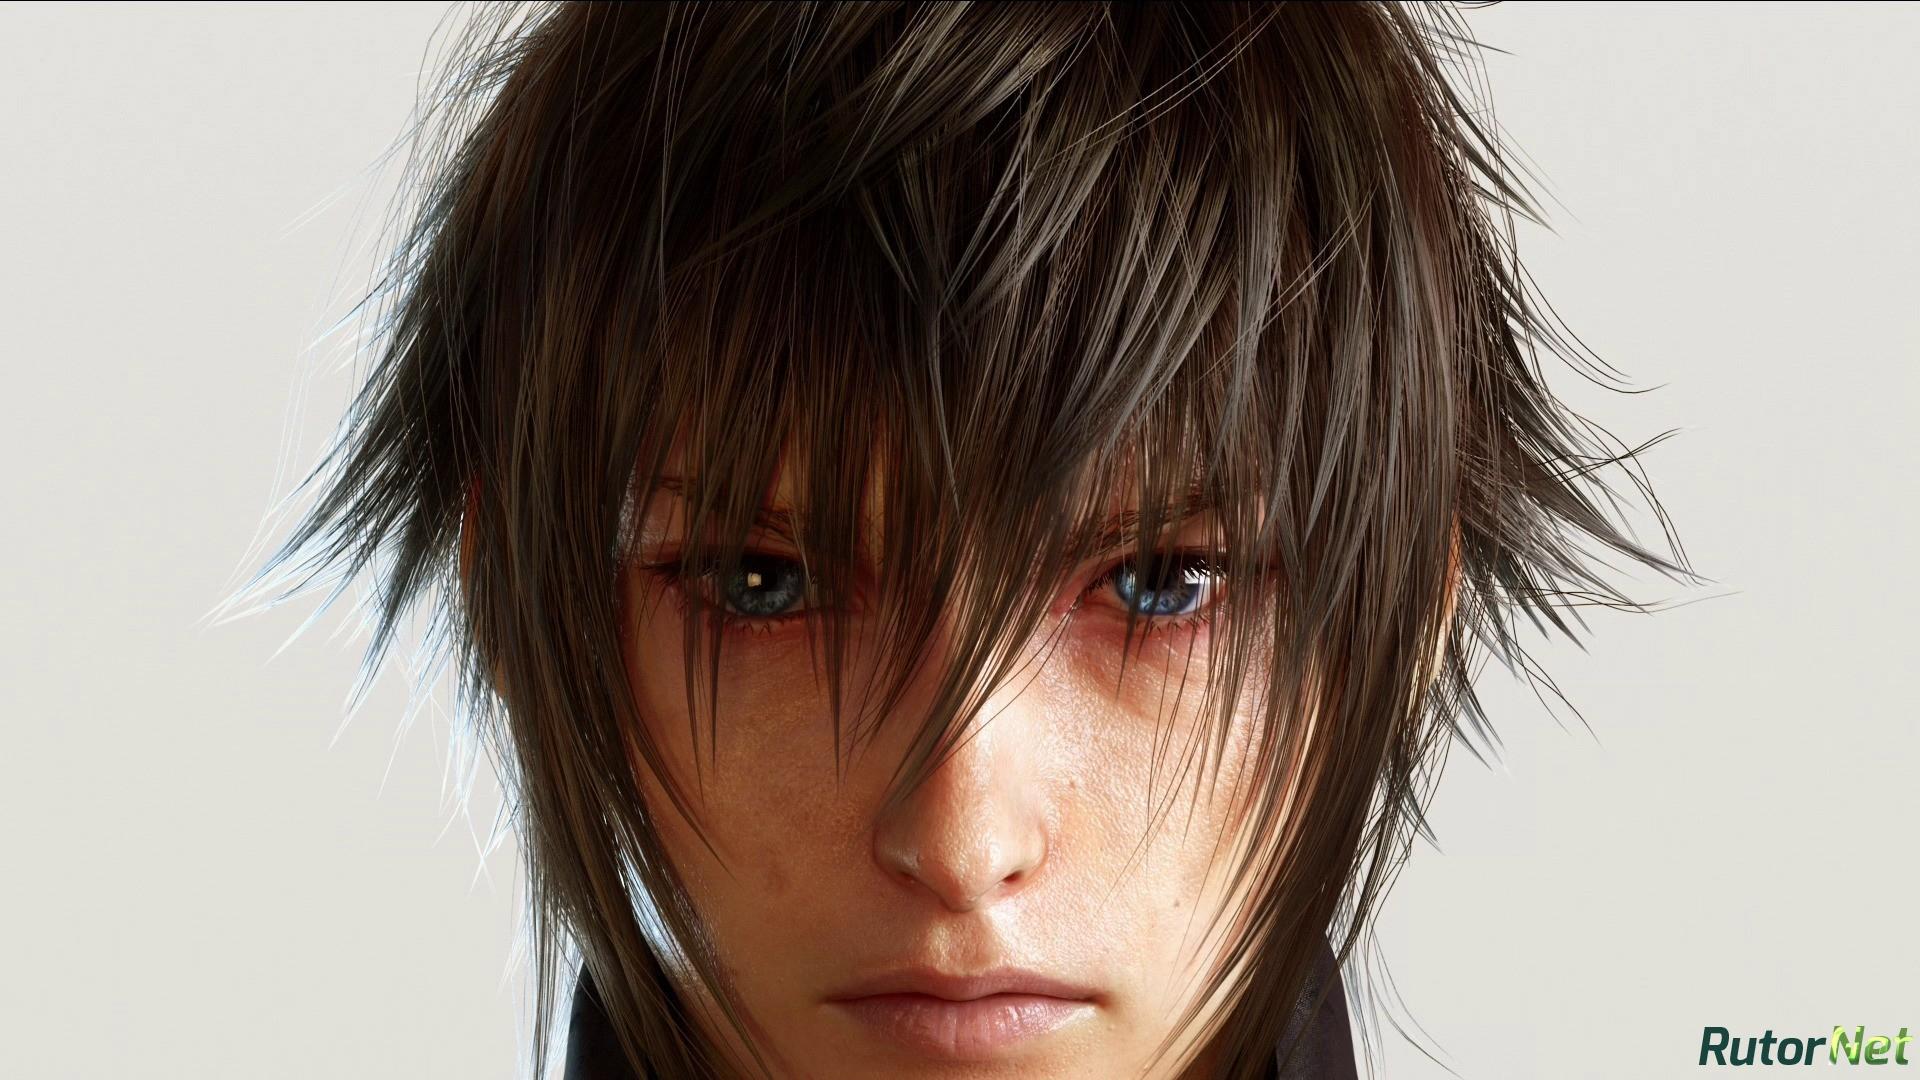 Final Fantasy Versus Xiii Торрент Скачать